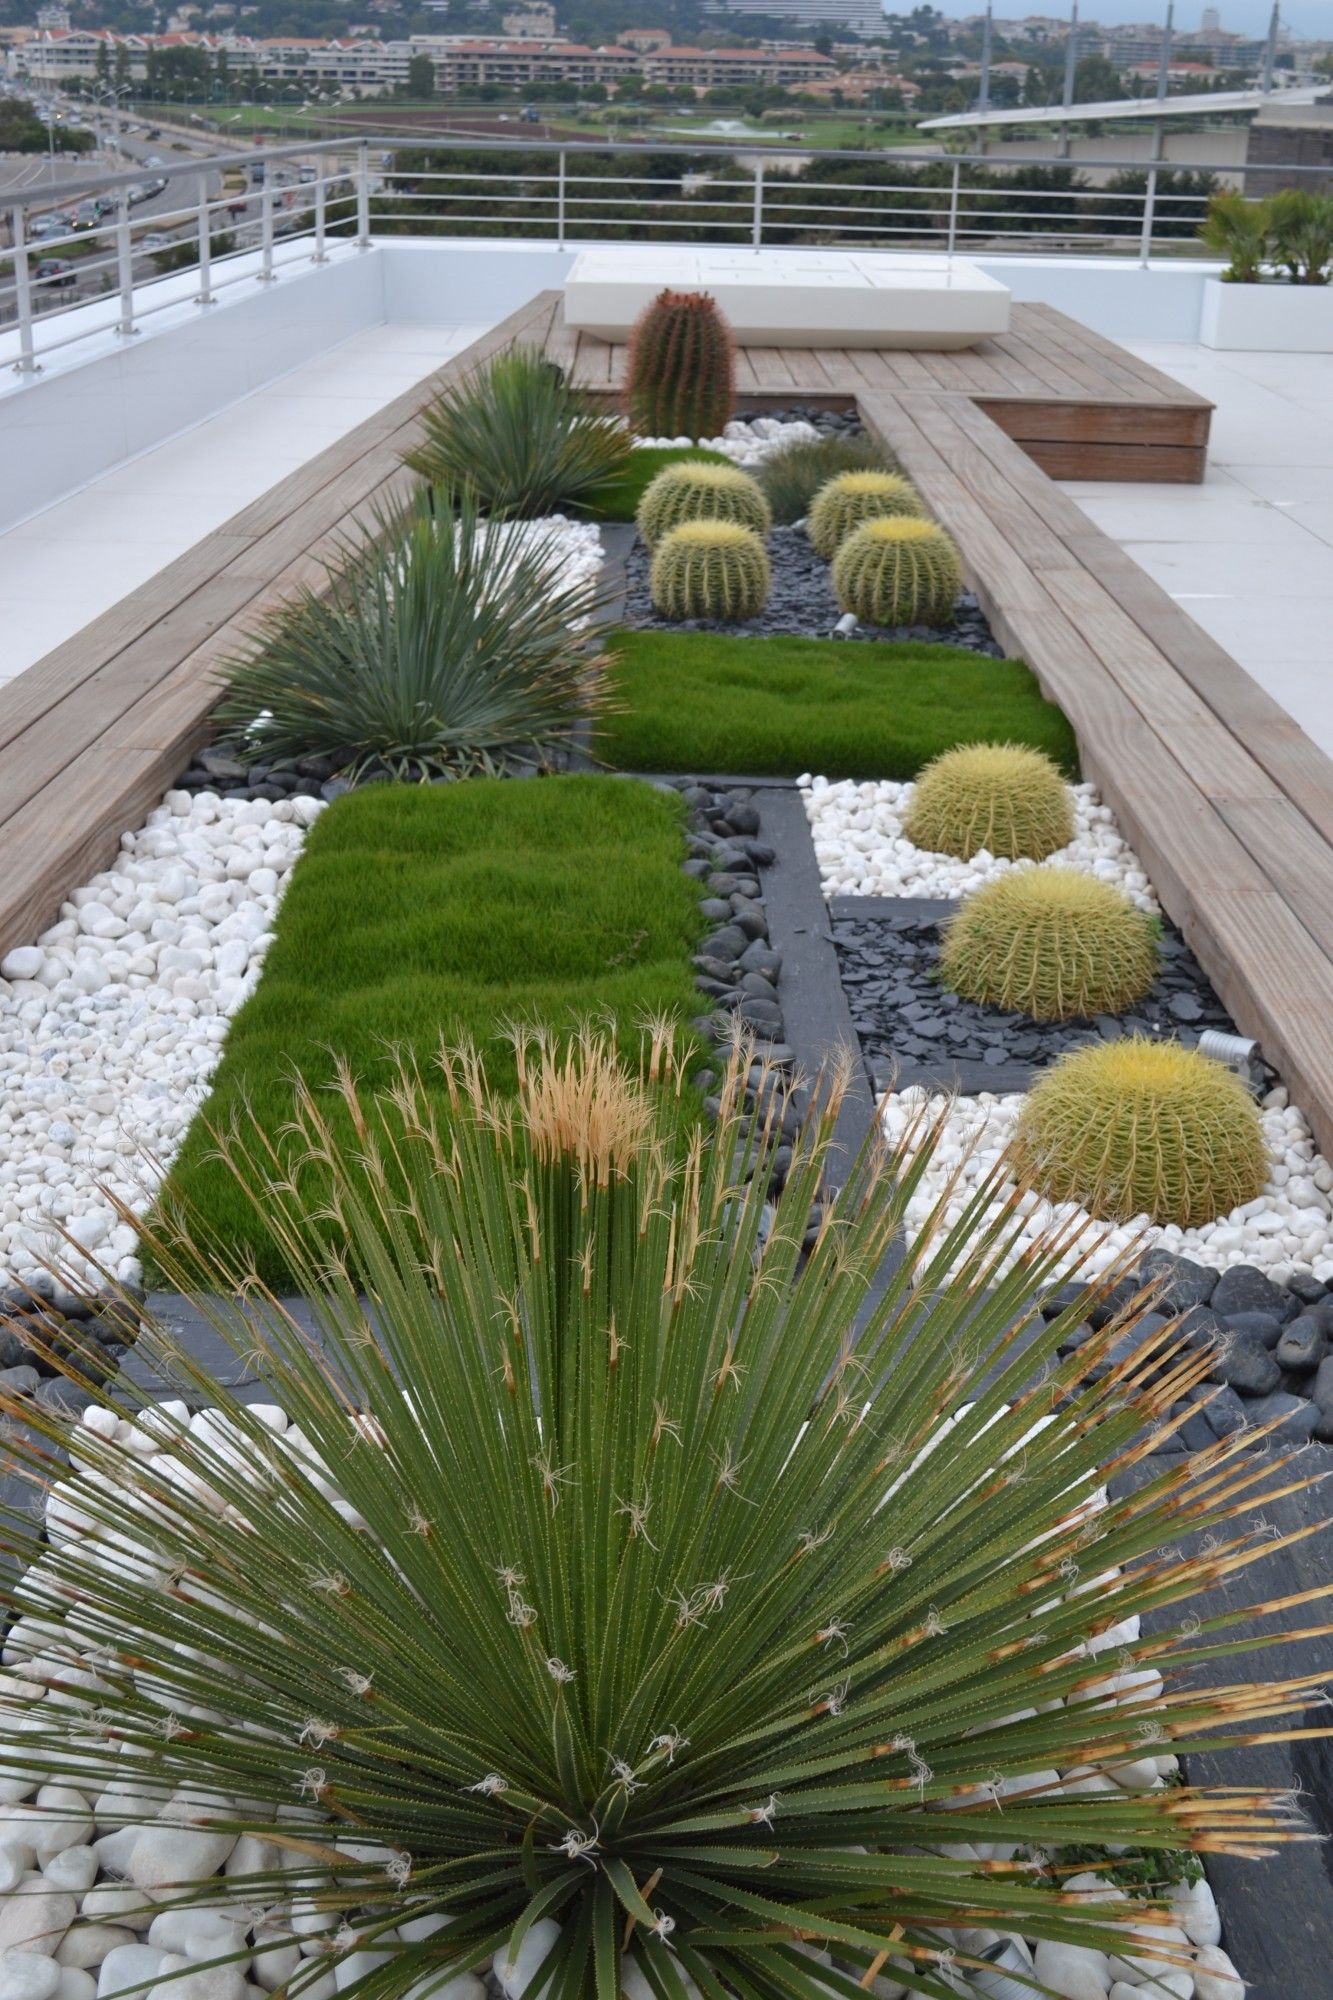 Espace g om trique plaque de schistes echinocactus for Plaque de galet exterieur